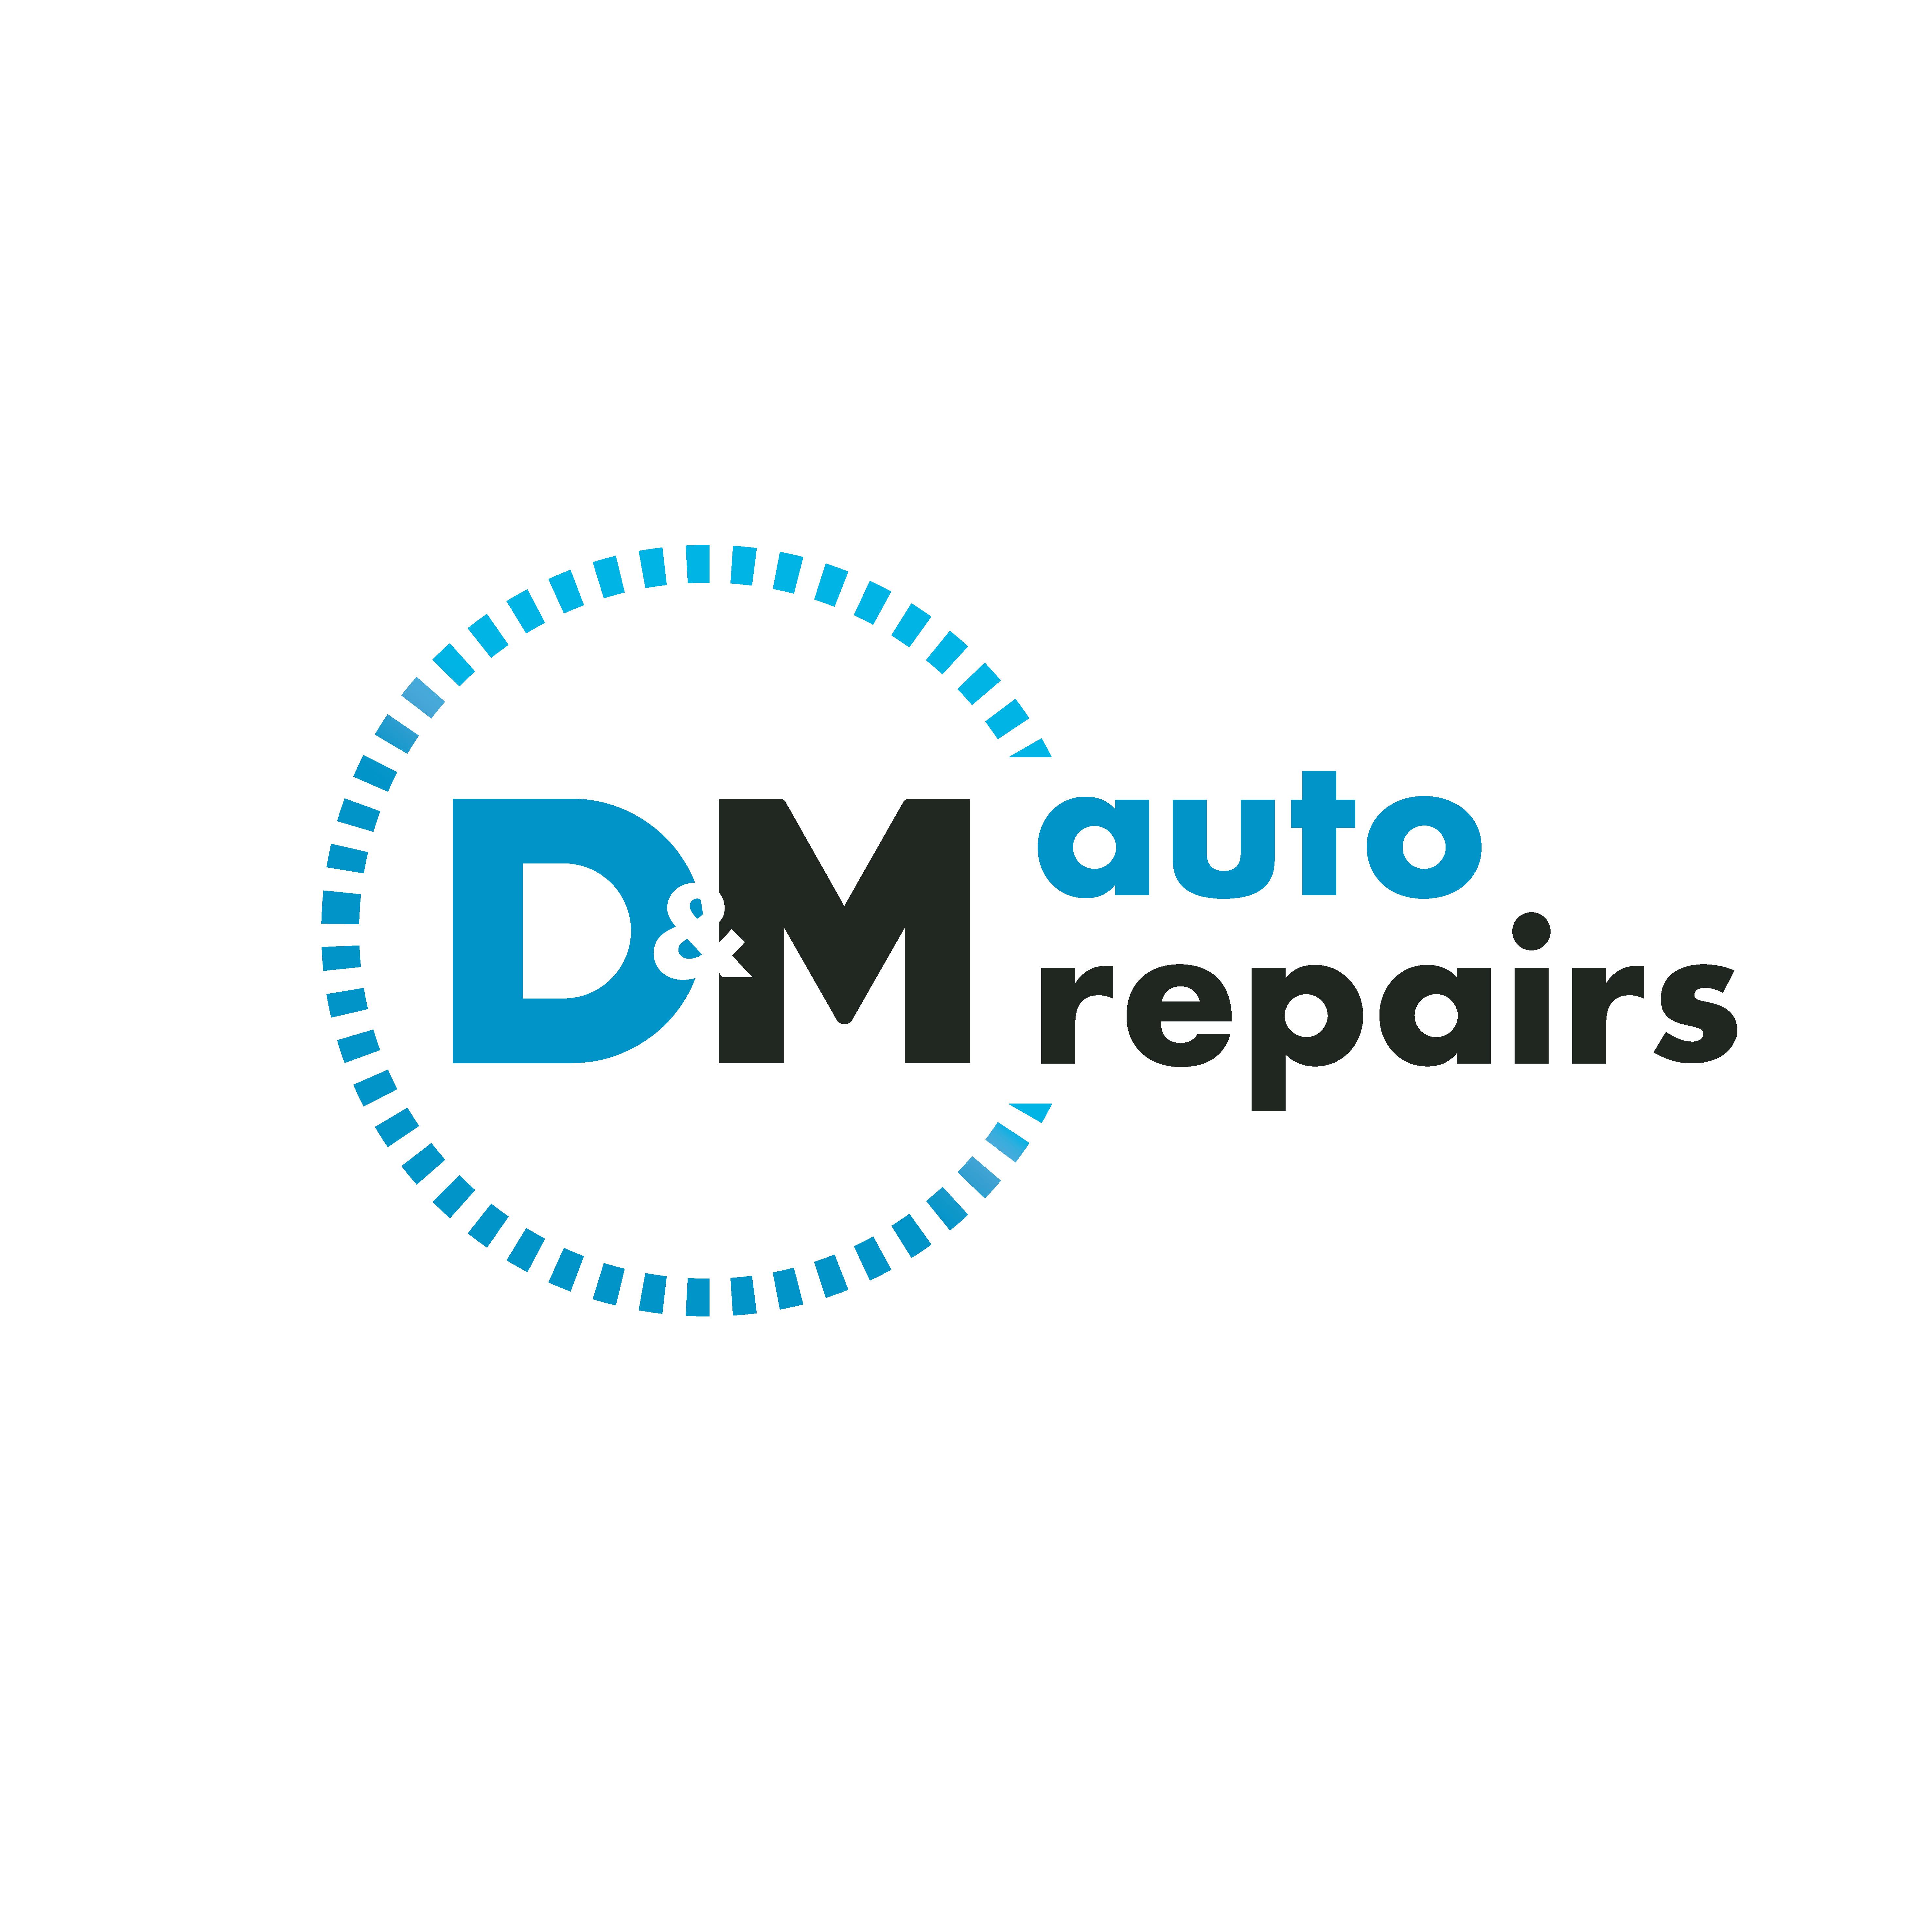 D & M Auto Repairs